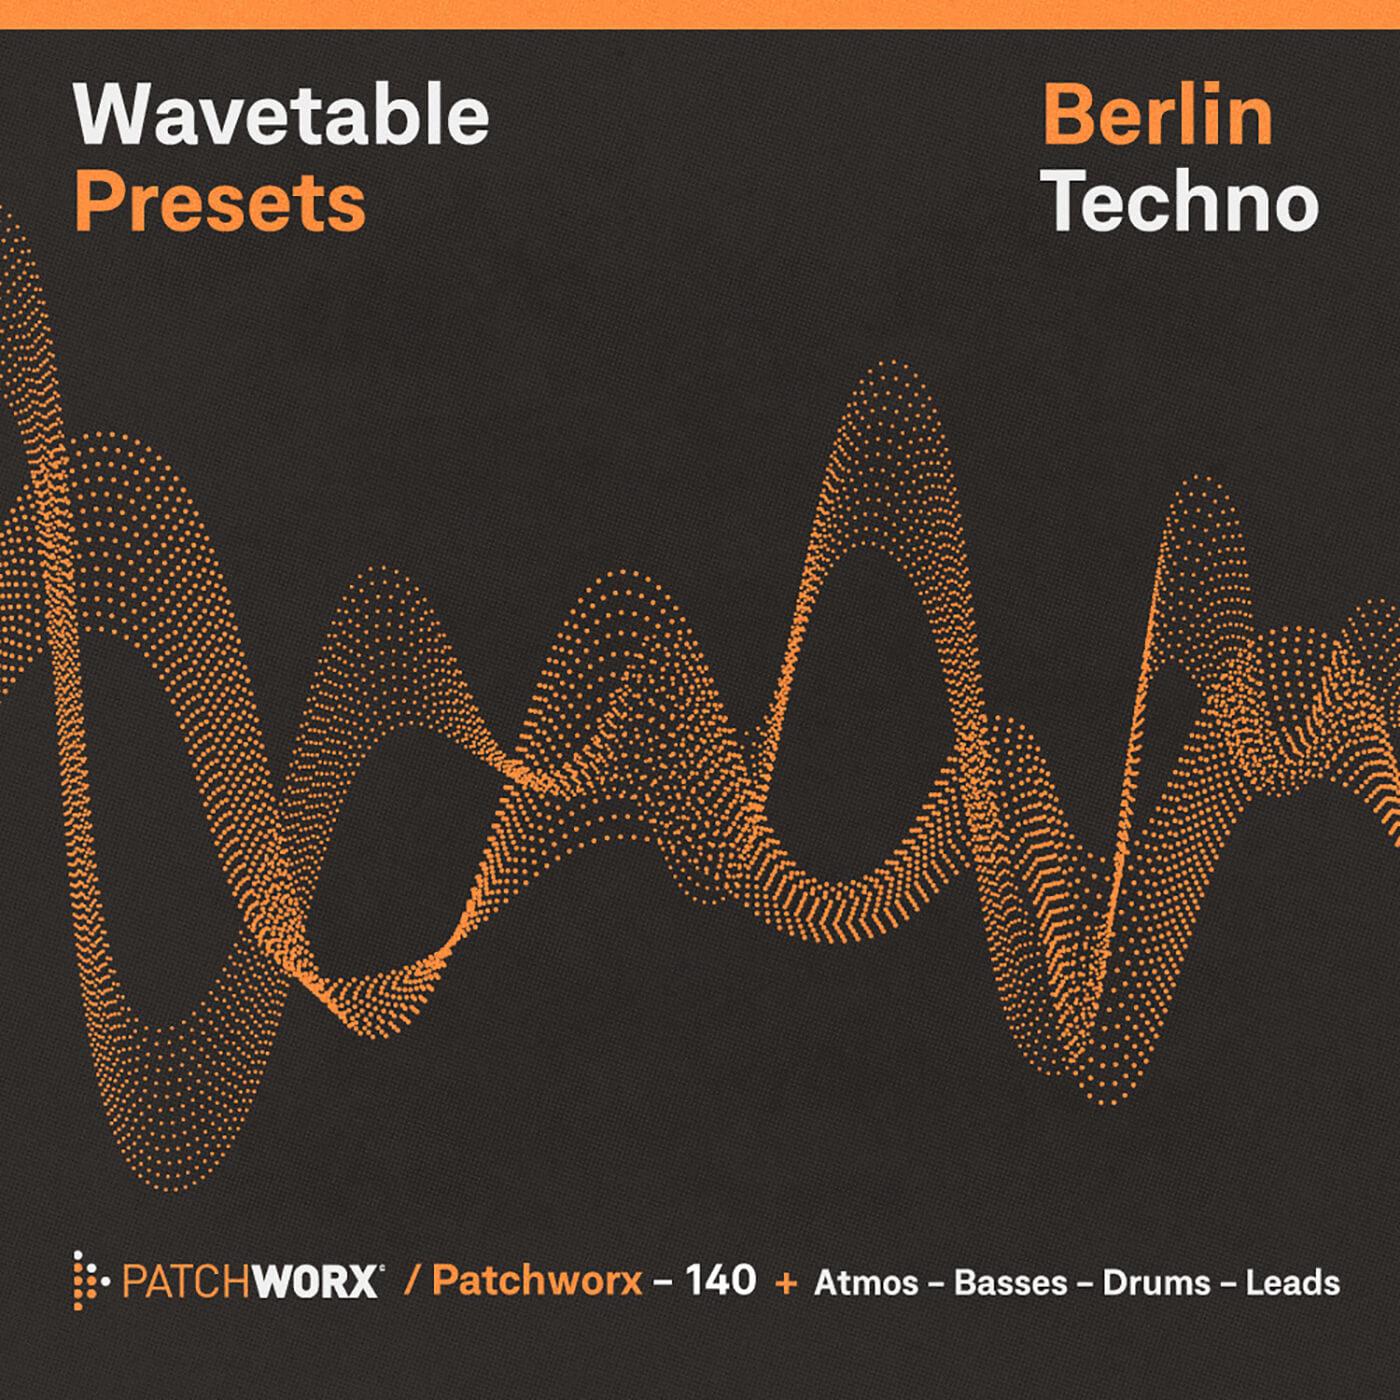 Loopmasters - Berlin Techno Wavetable Presets